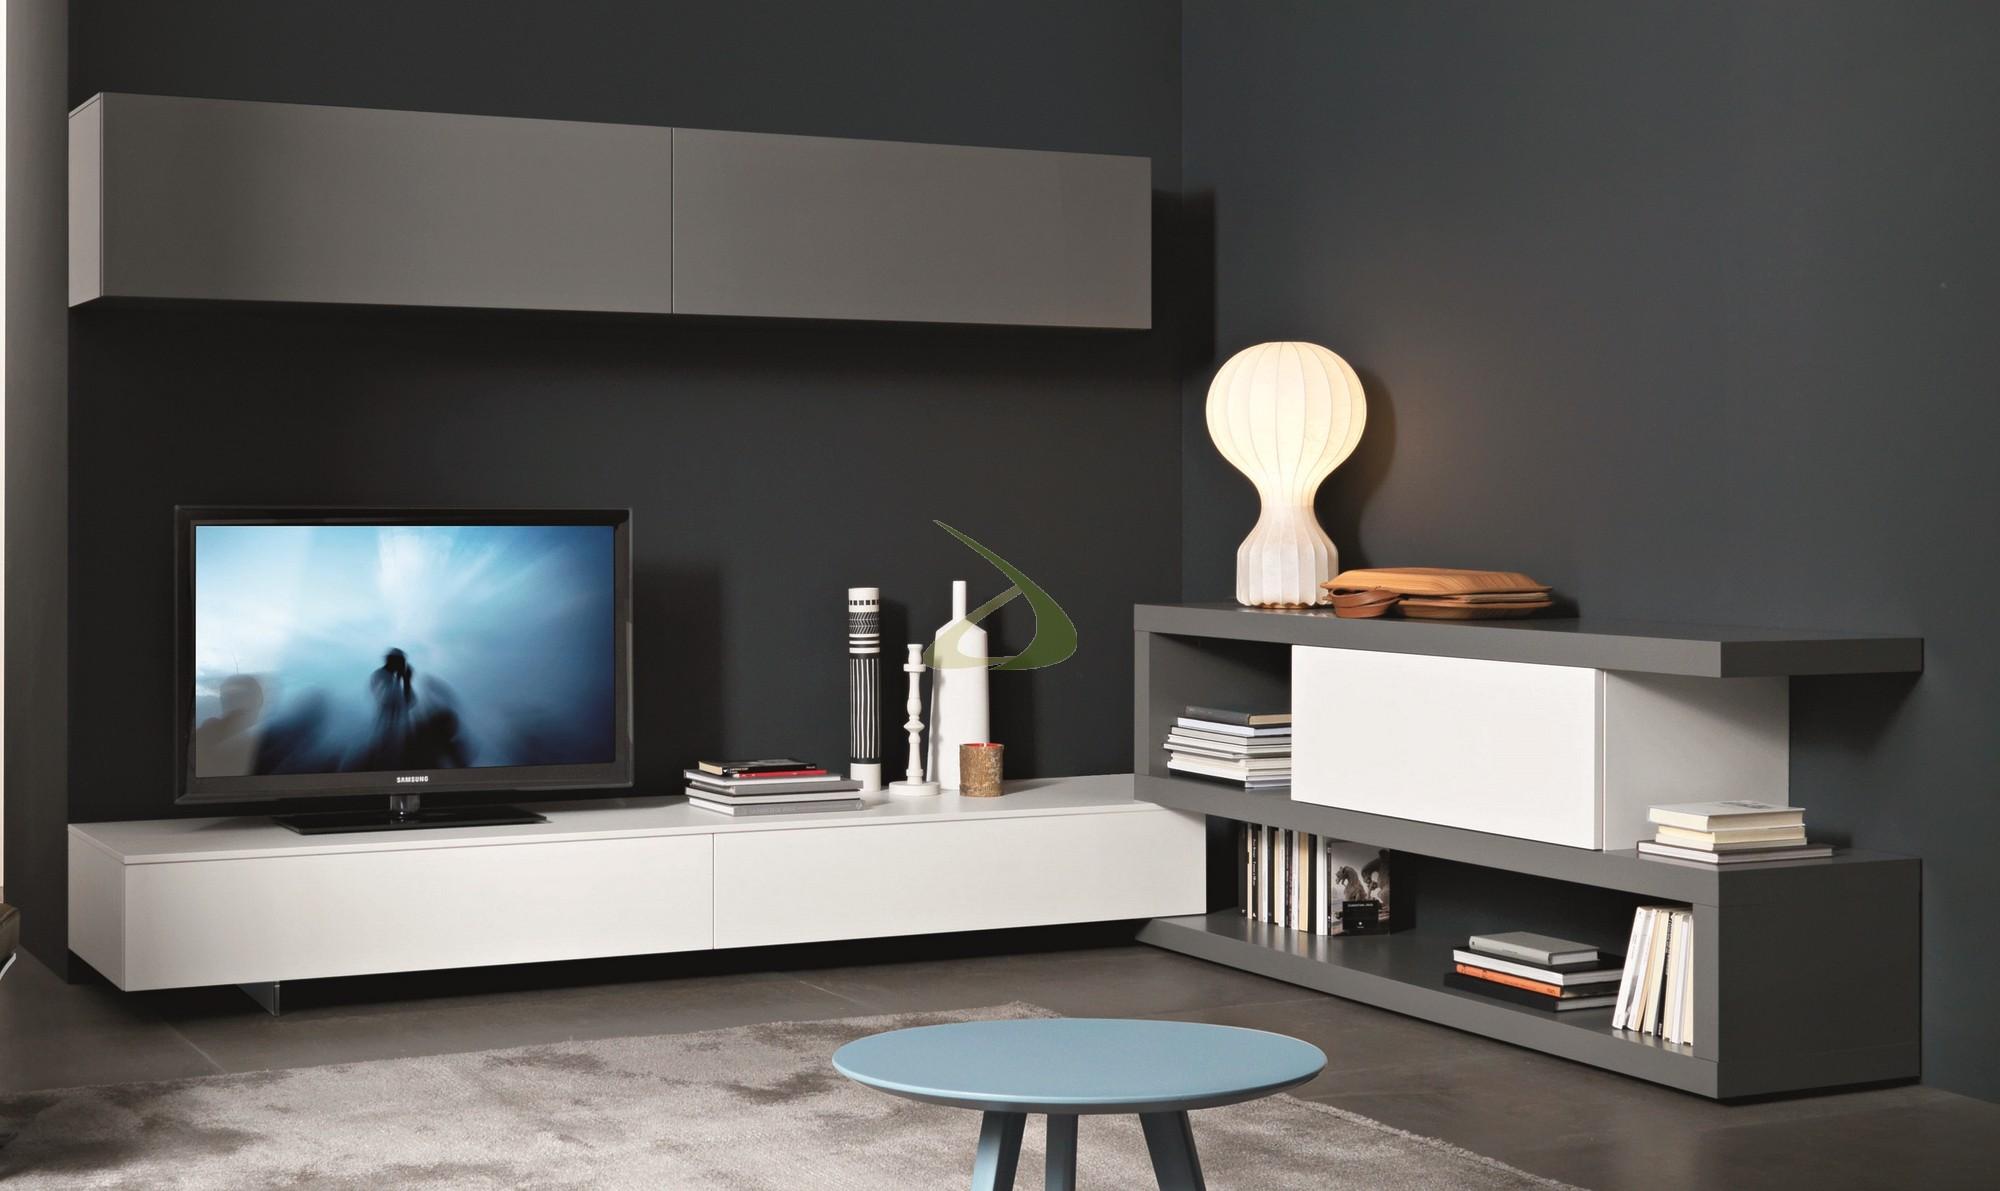 Picture idea 48 : Vendita on line divani bianchi mobili soggiorno ...